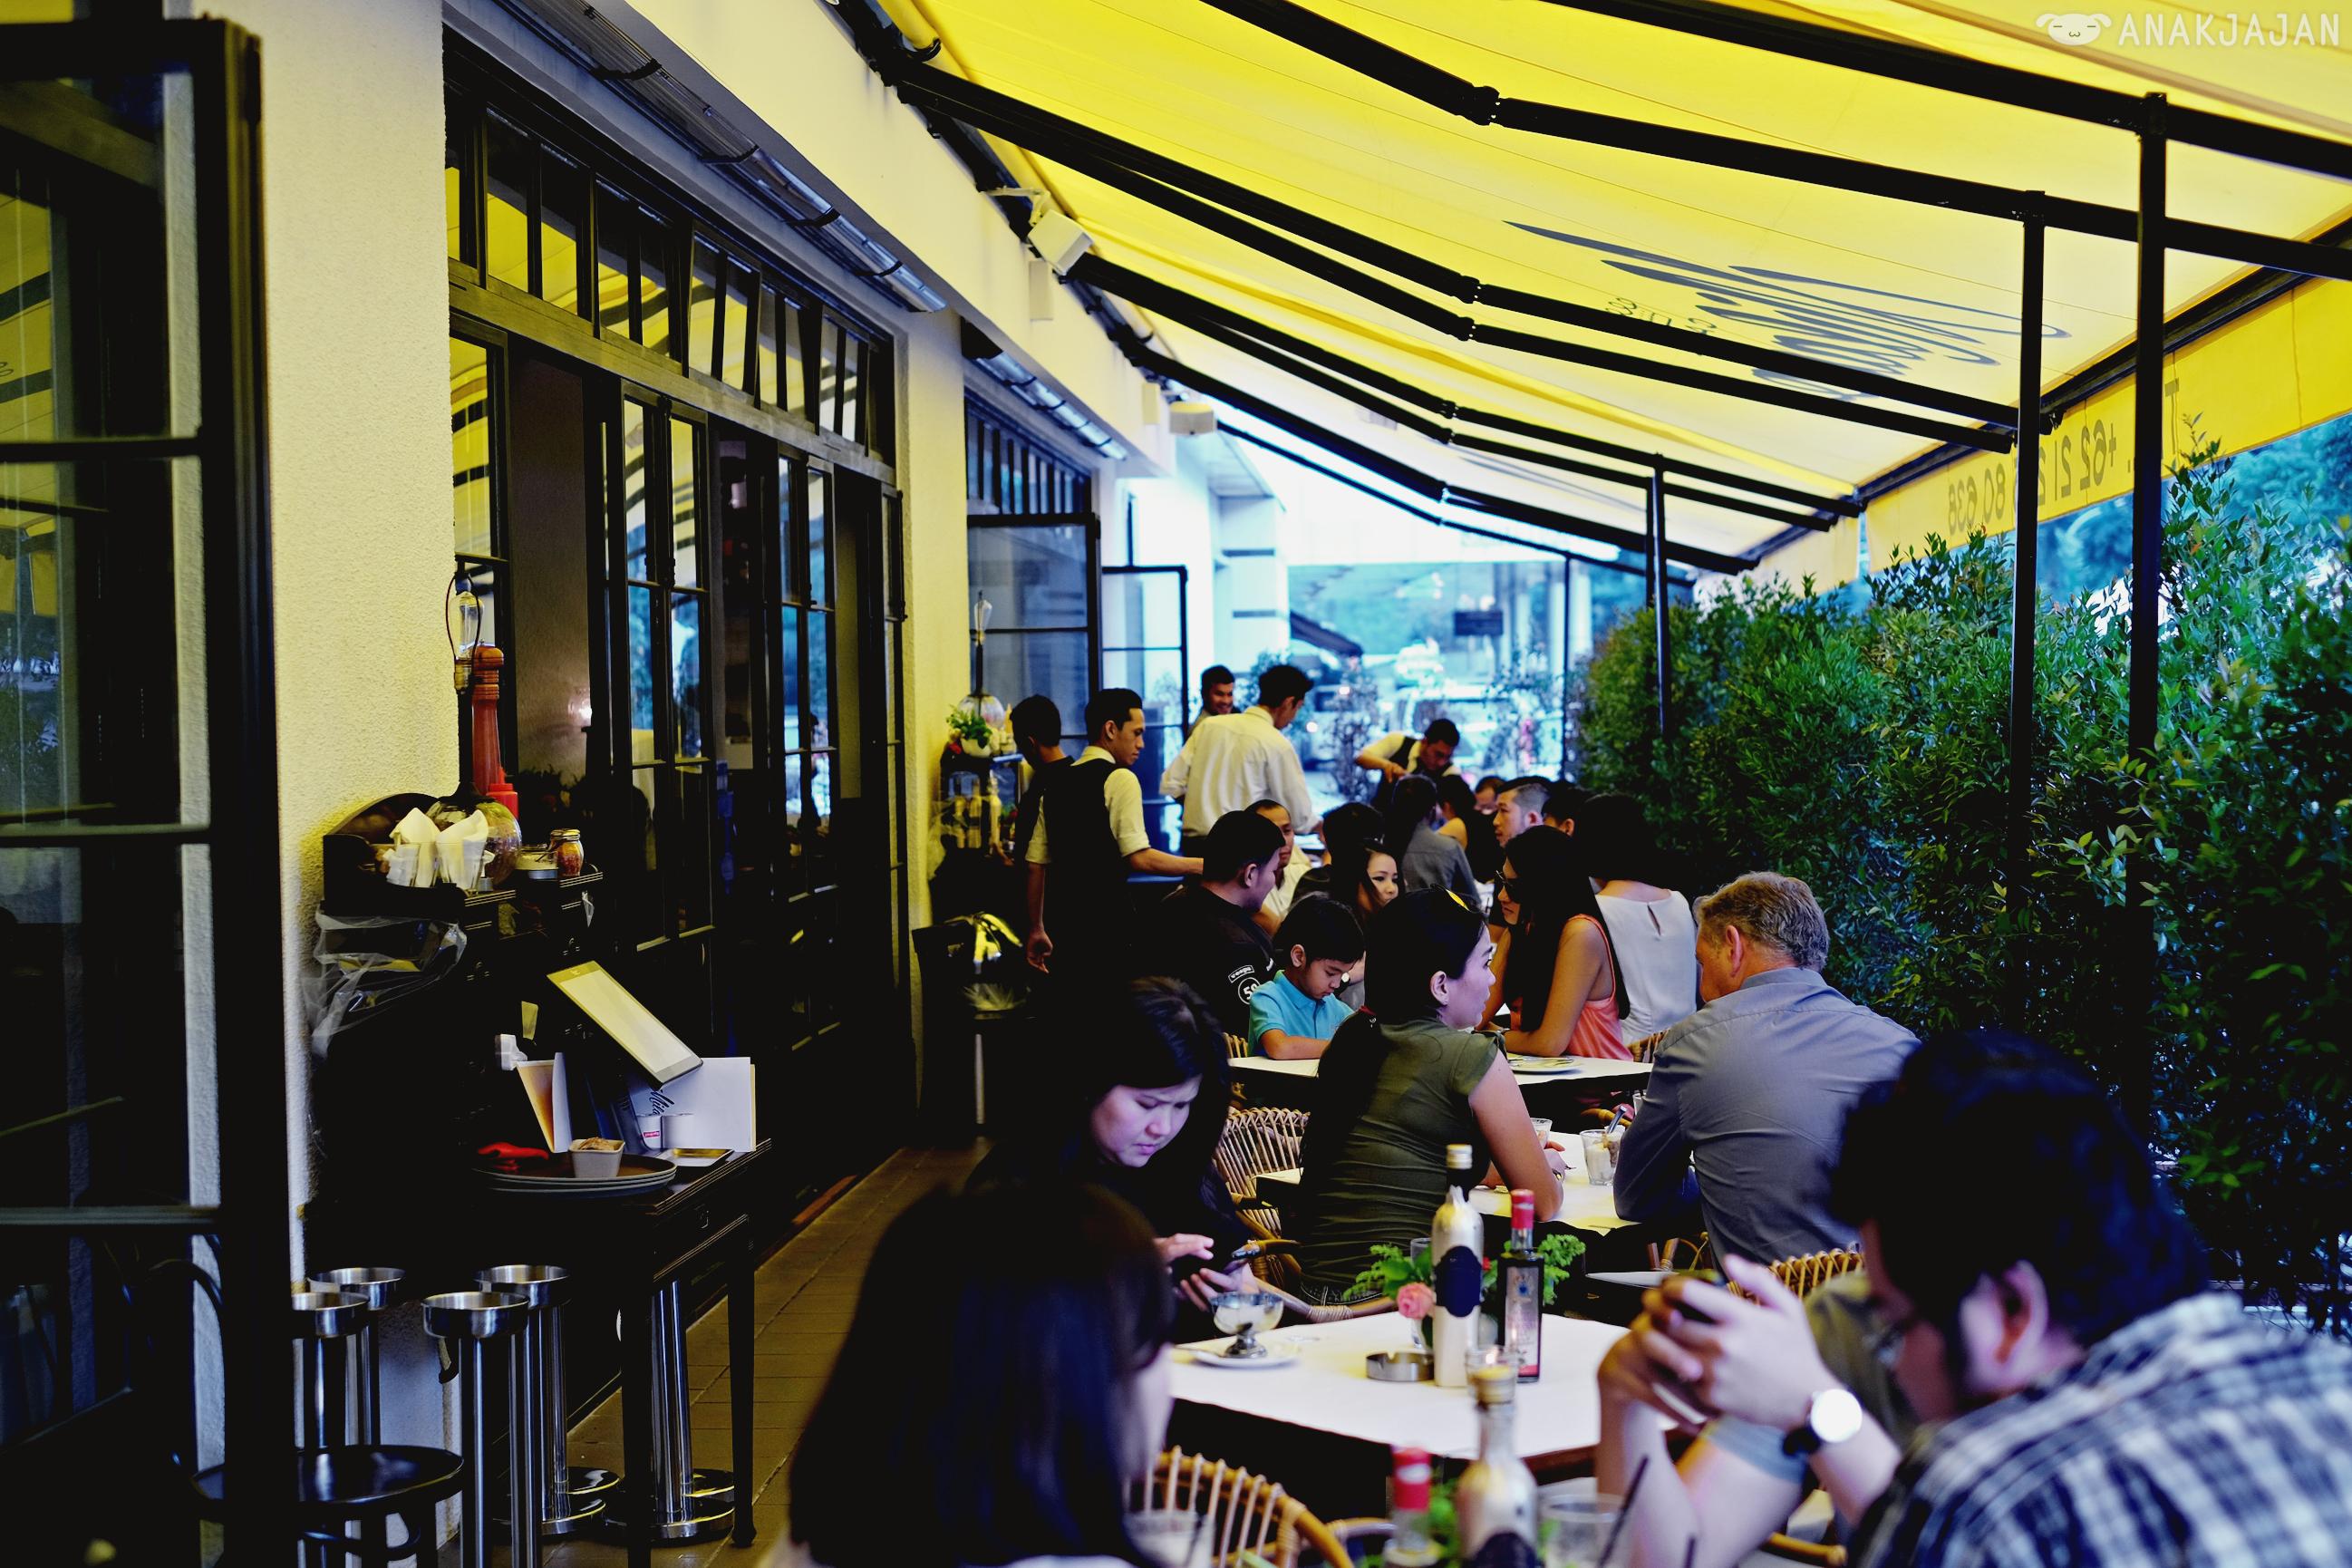 Caffe Milano – Grand Indonesia Jakarta | ANAKJAJAN COM